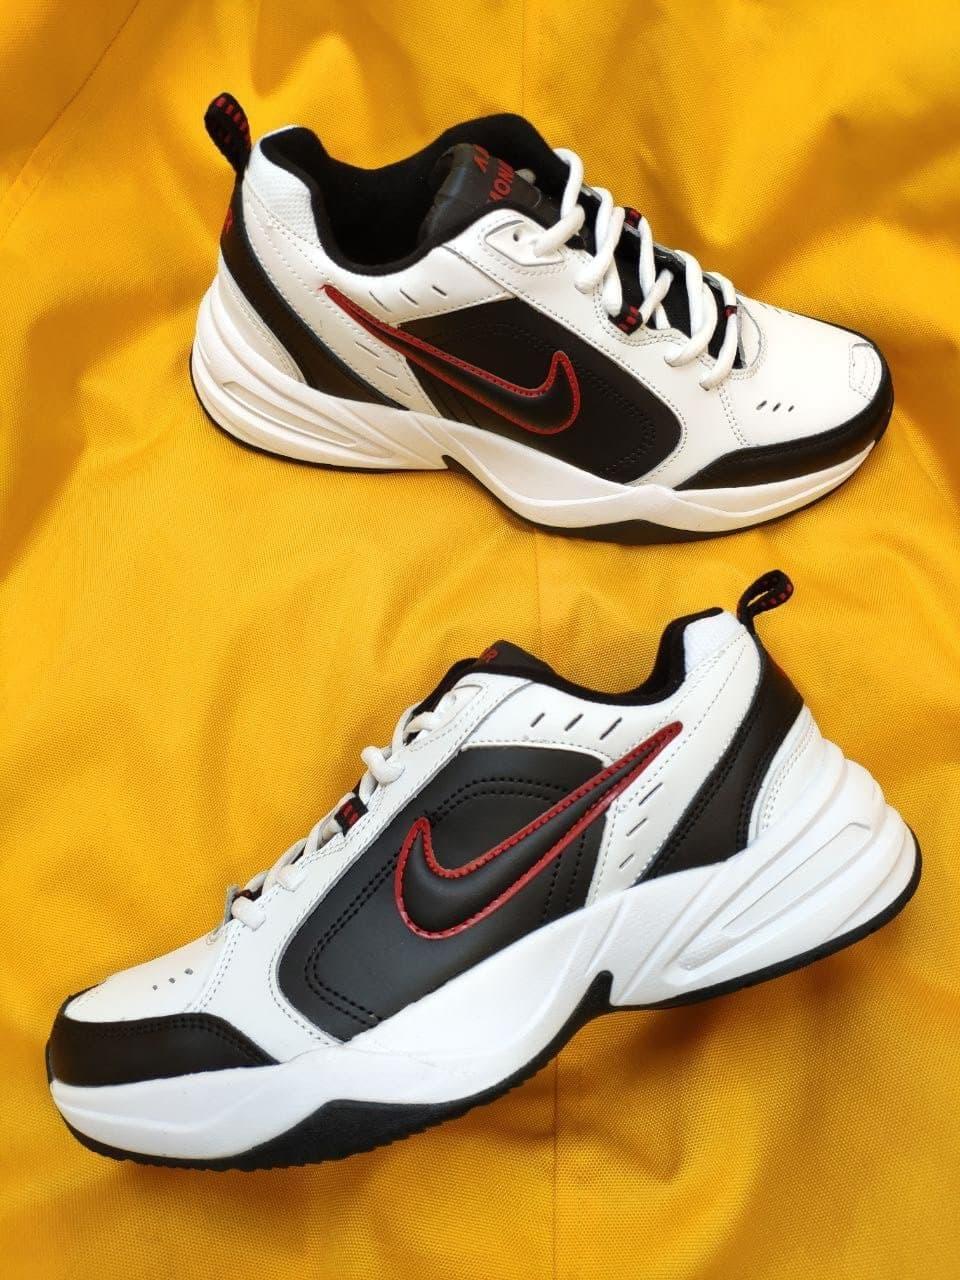 Мужские кроссовки Nike Air Monarch (бело-черно-красные) D88 молодежная обувь на каждый день